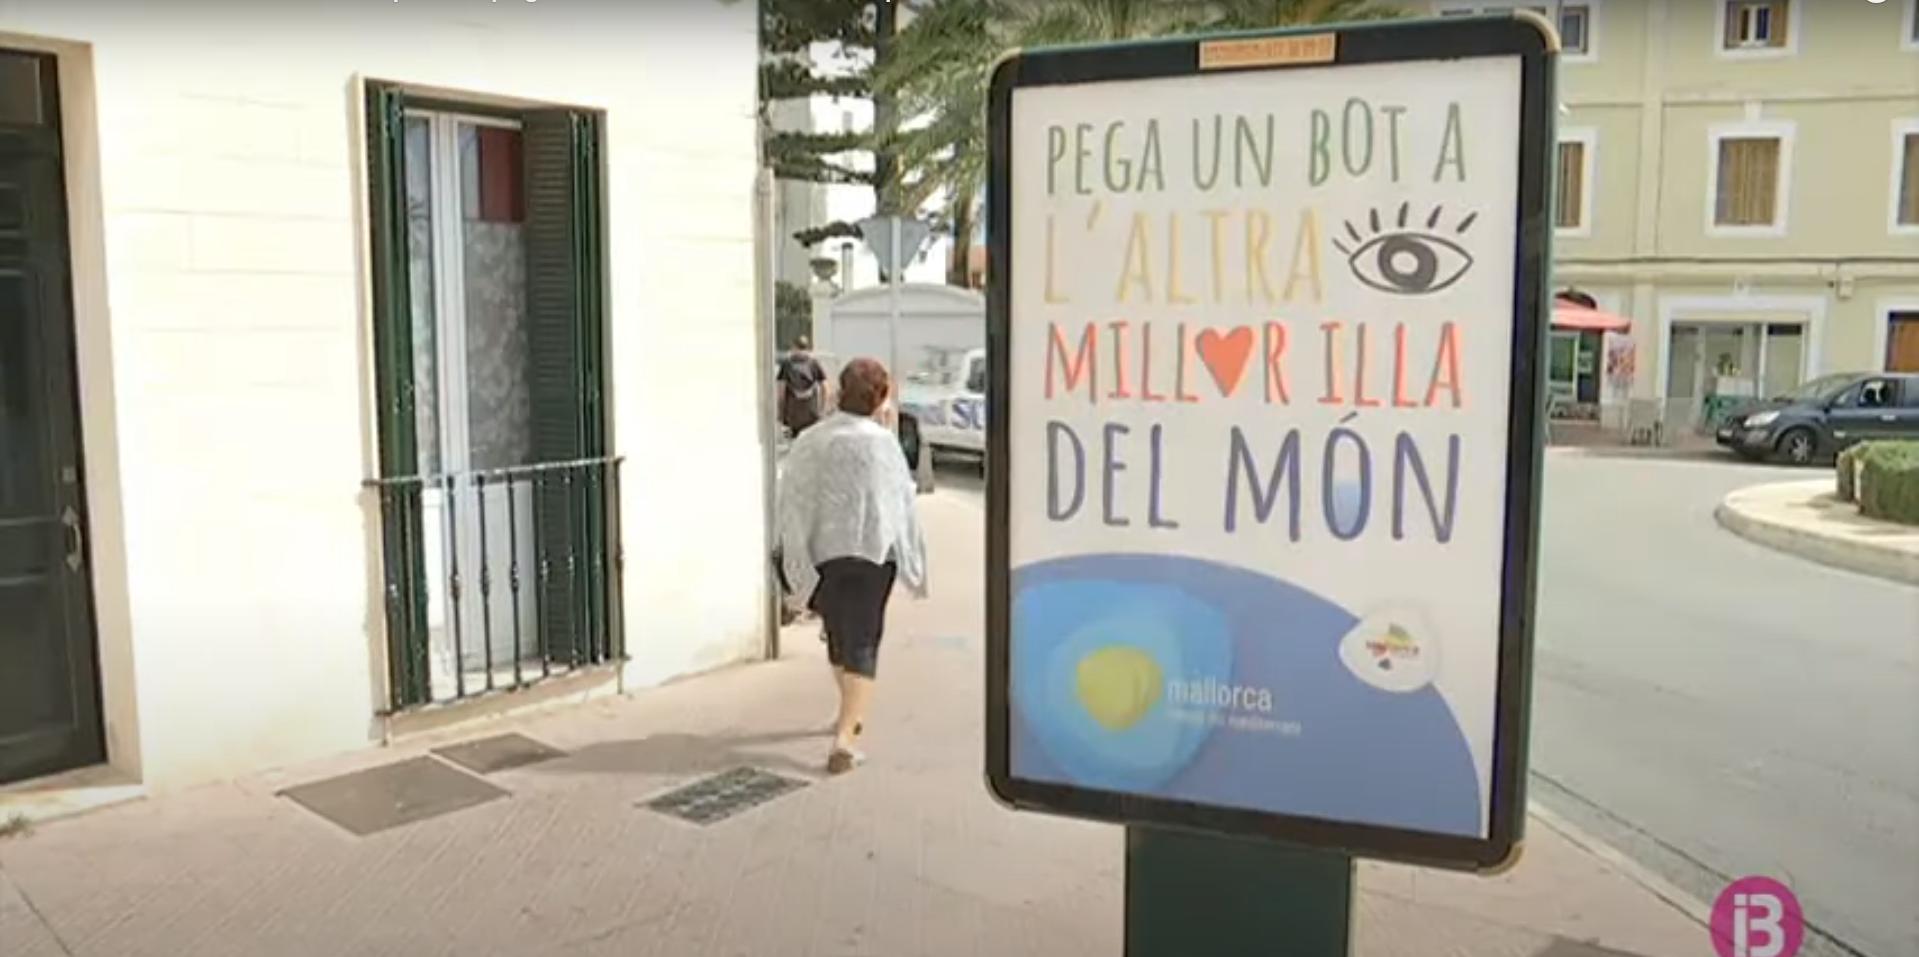 Mallorca+convida+els+menorquins+a+%26%238216%3Bpegar+un+bot%27+fins+a+l%27illa+ve%C3%AFna+per+desconnectar